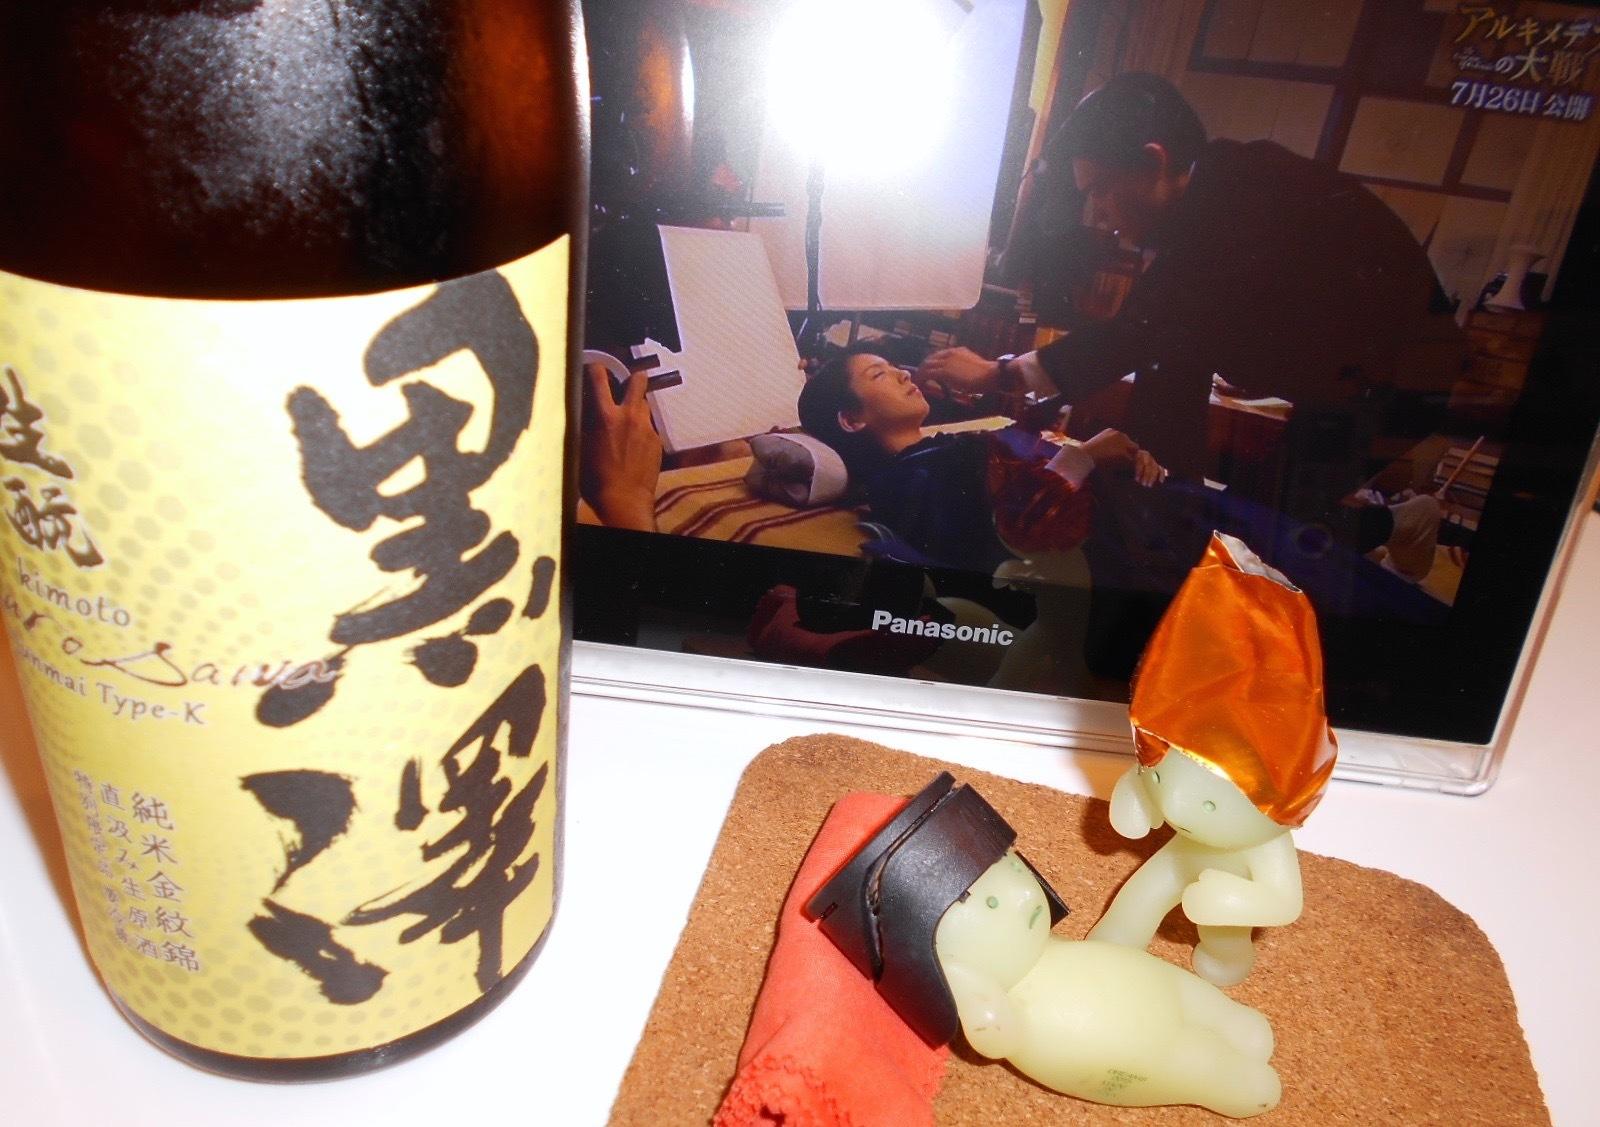 kurosawa_type-k30by3_6.jpg